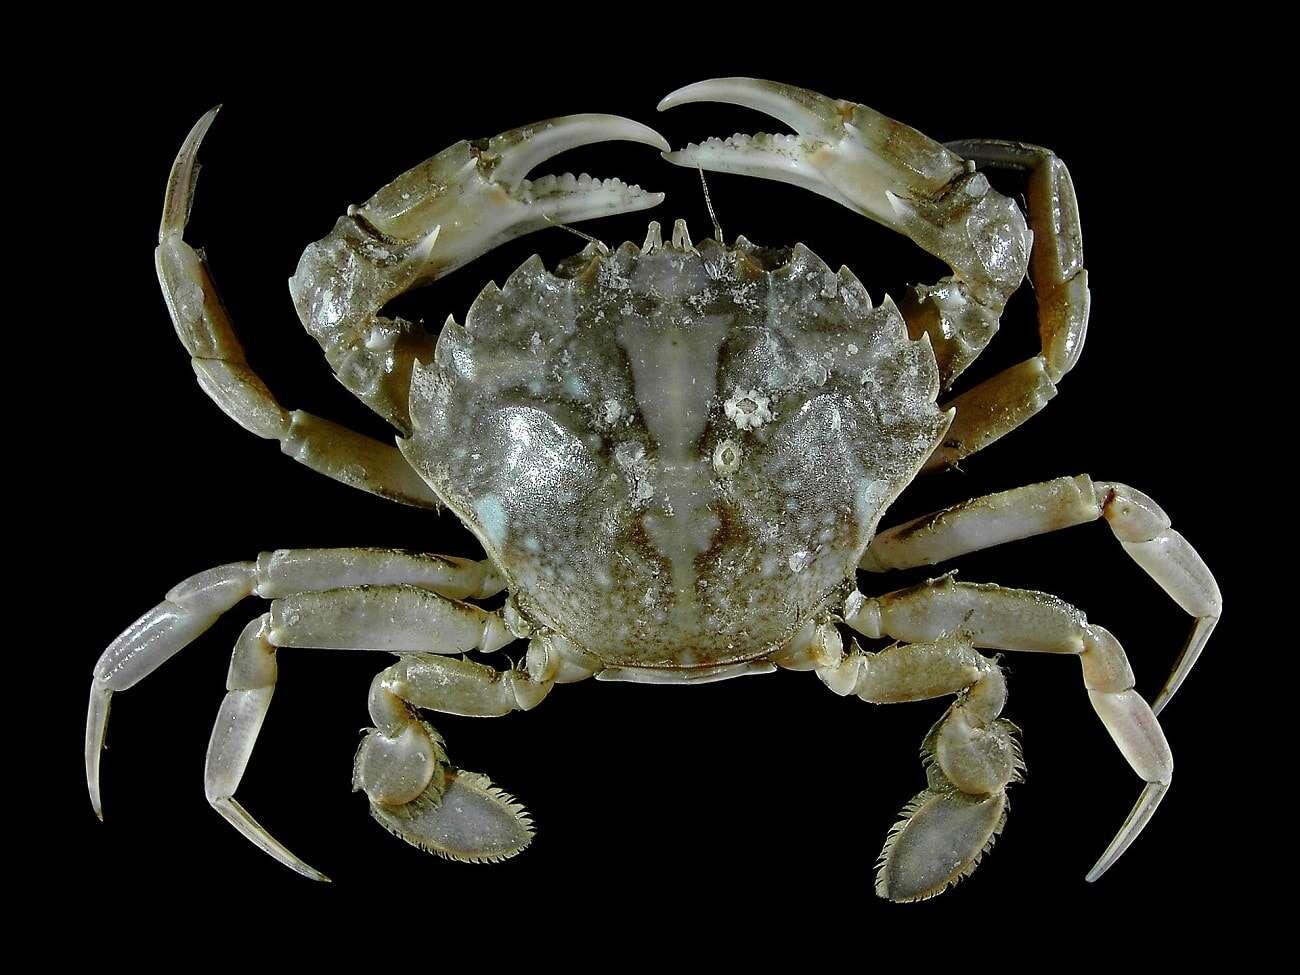 Dlaczego ziemskie organizmy ewoluują w kierunku krabów?